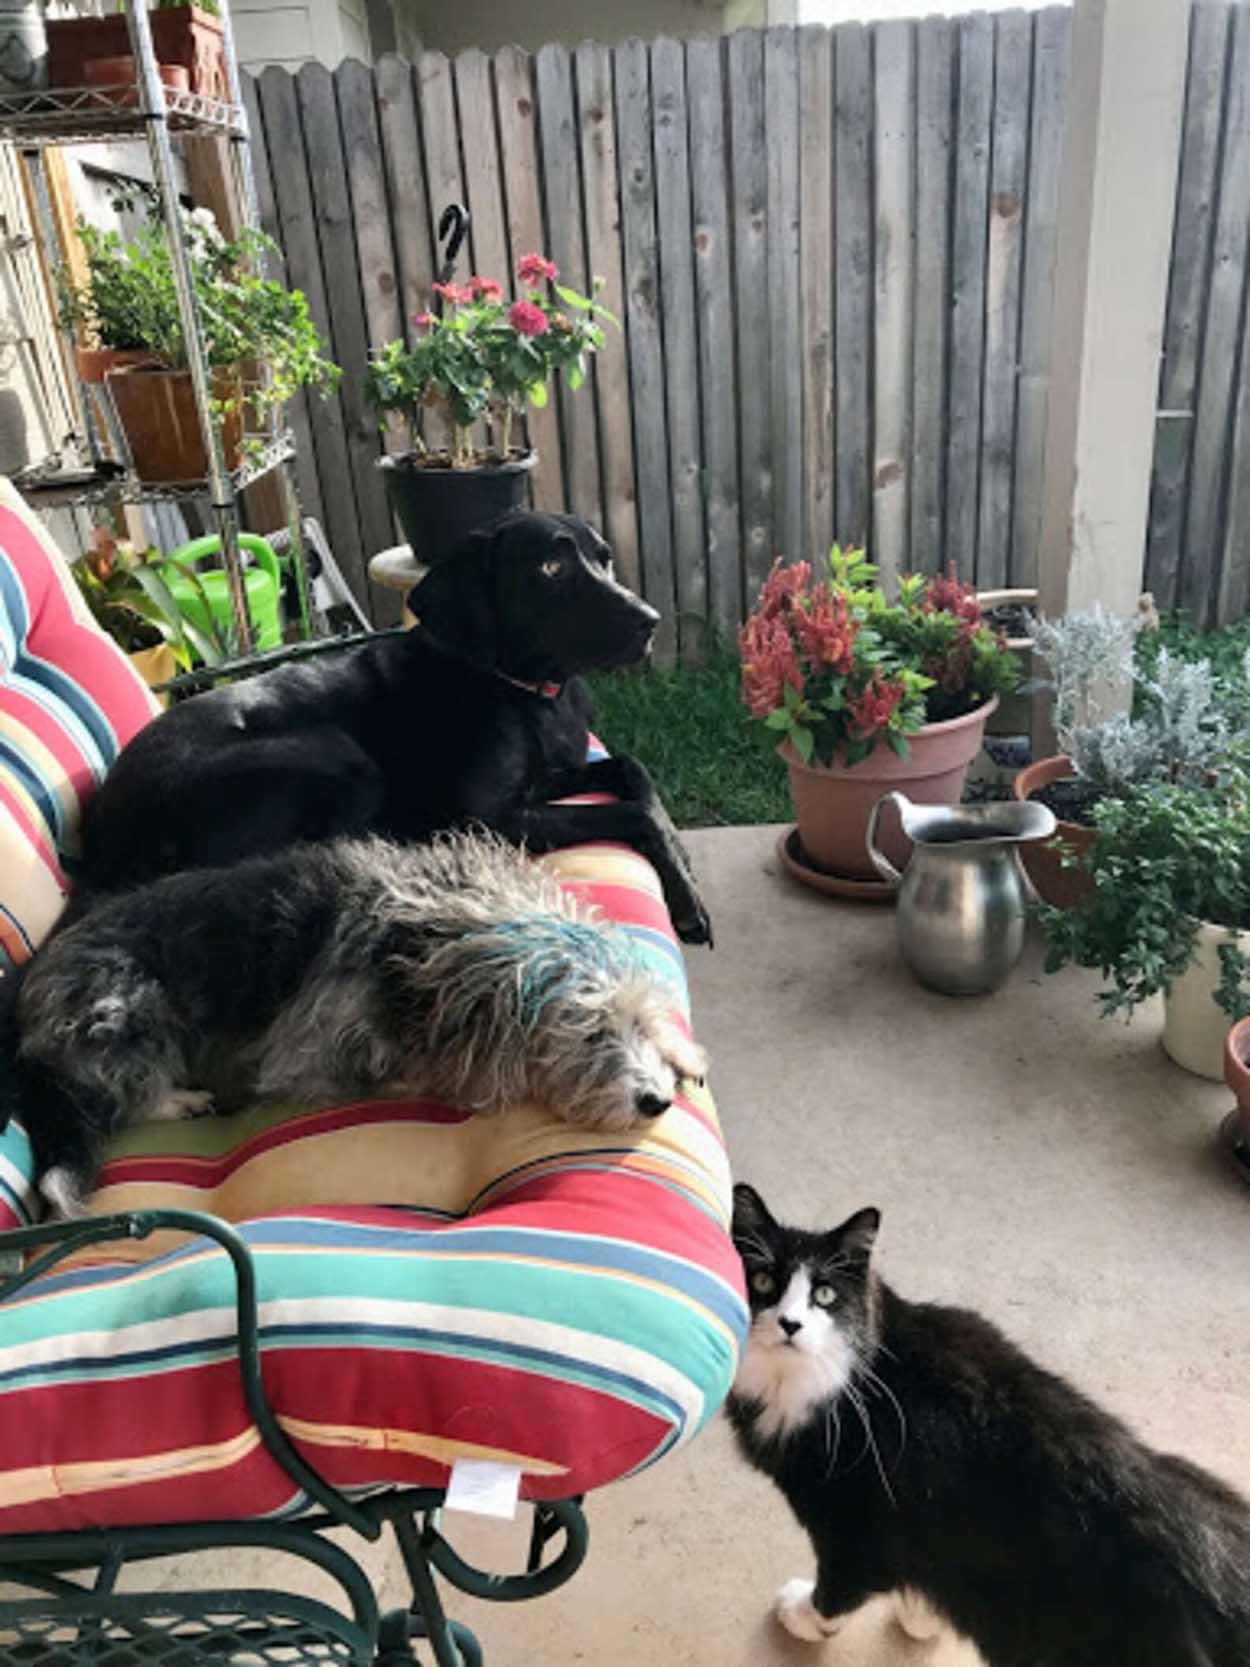 Mascotas descansando juntas